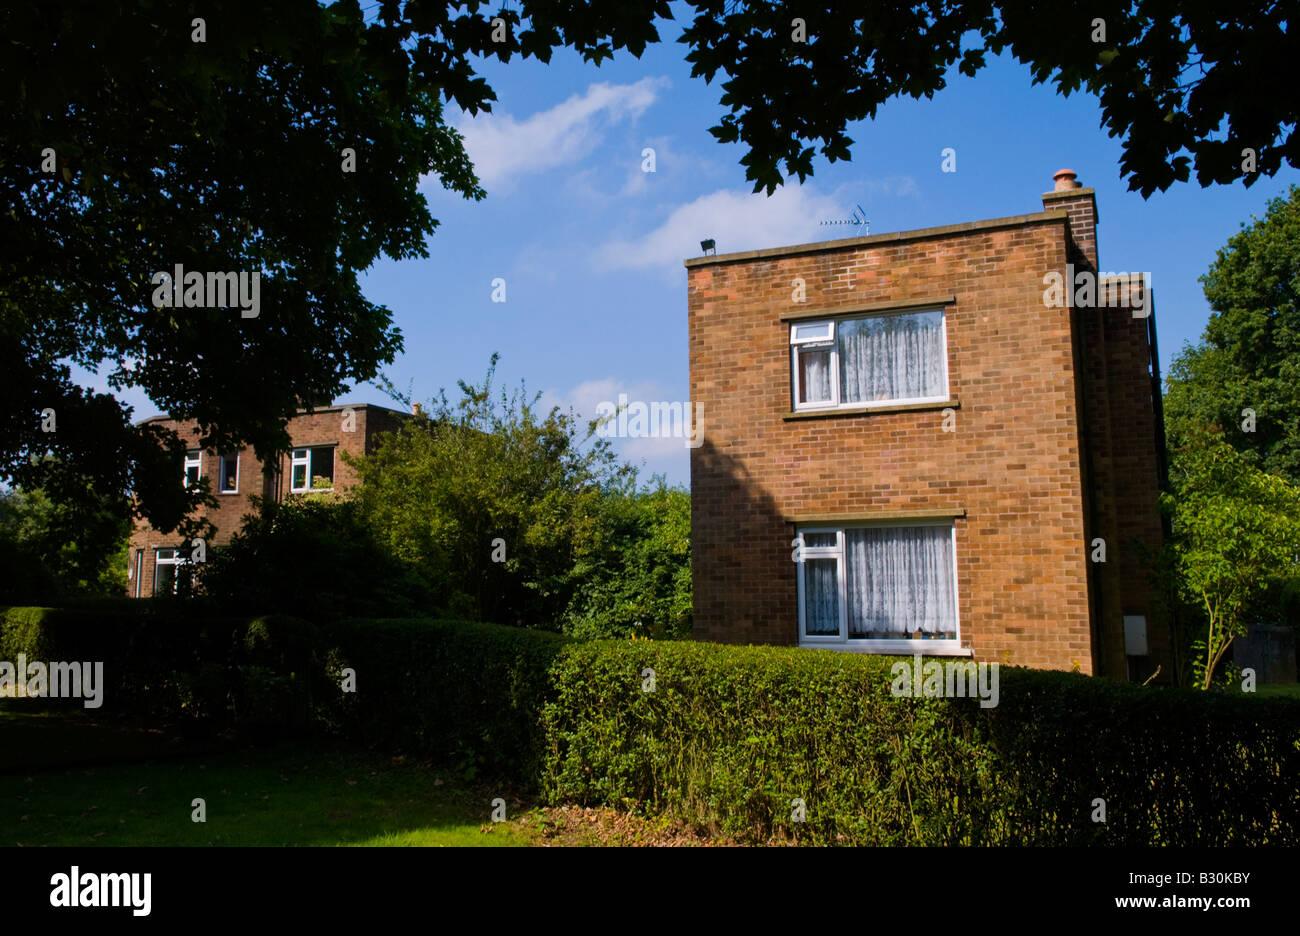 Einfamilienhaus, erbaut in den 1940er Jahren im ländlichen Rufford Nottinghamshire England UK EU Stockfoto